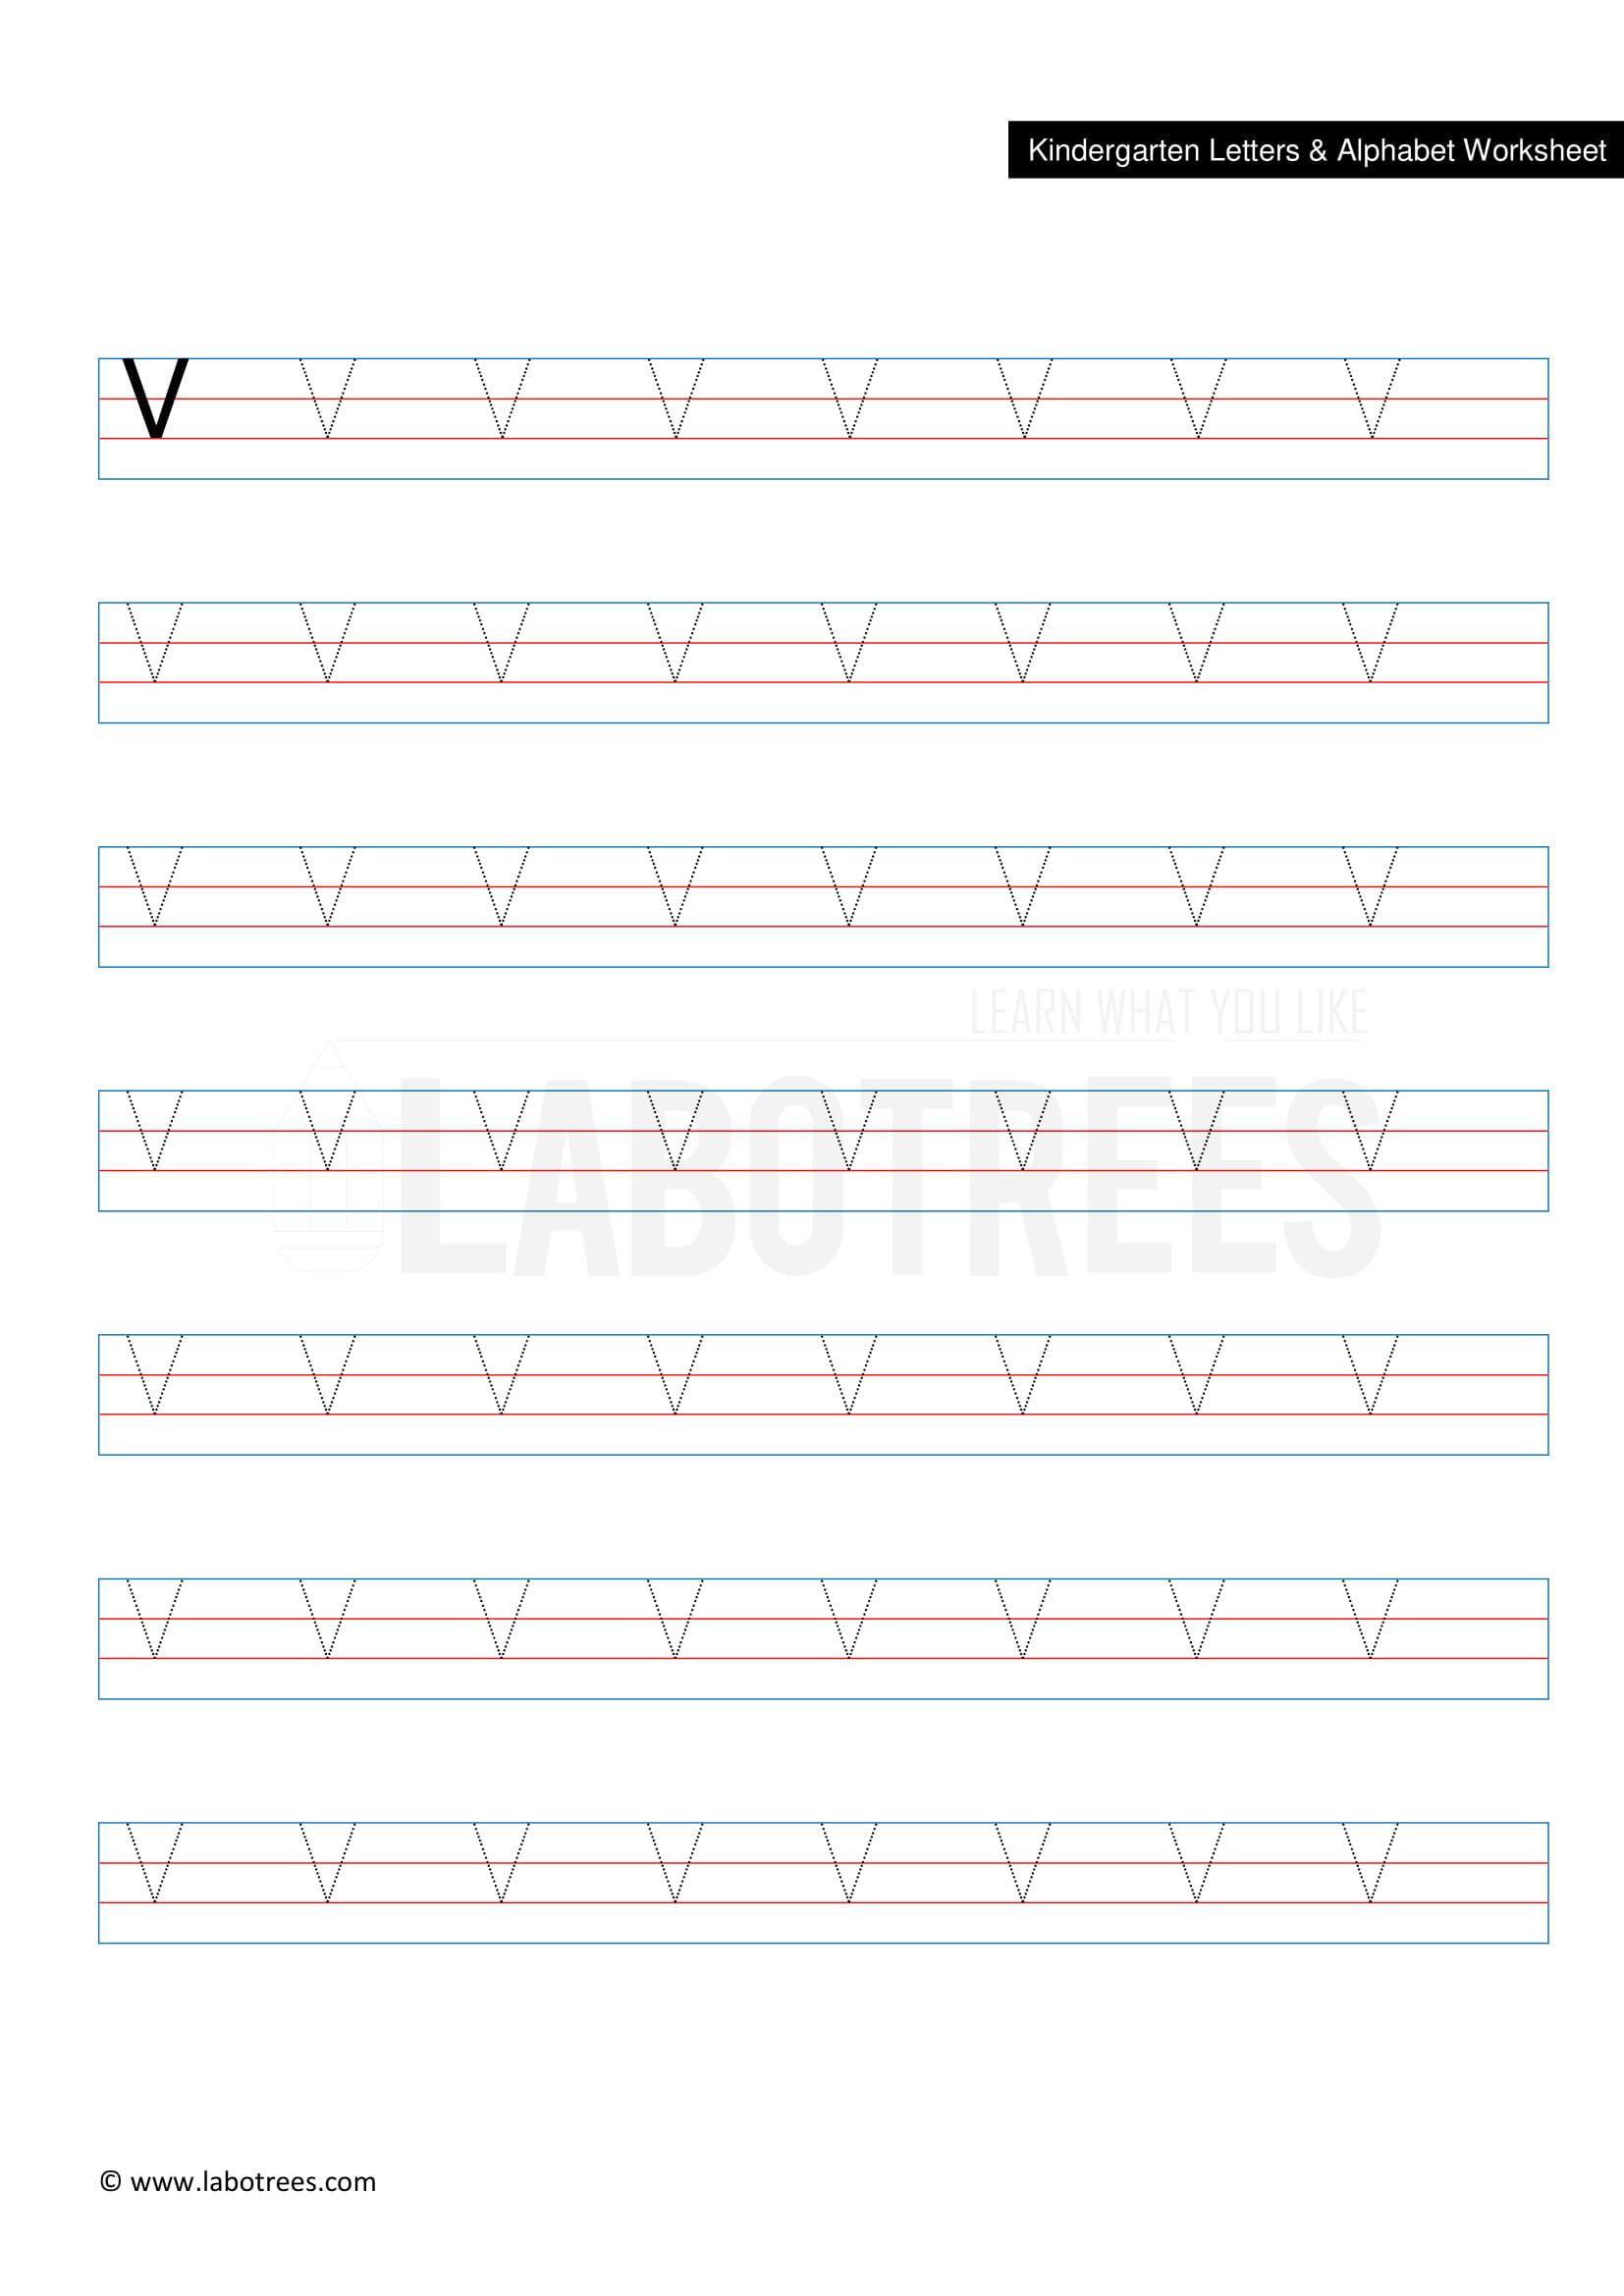 Worksheet Of Letter V Uppercase Free Download